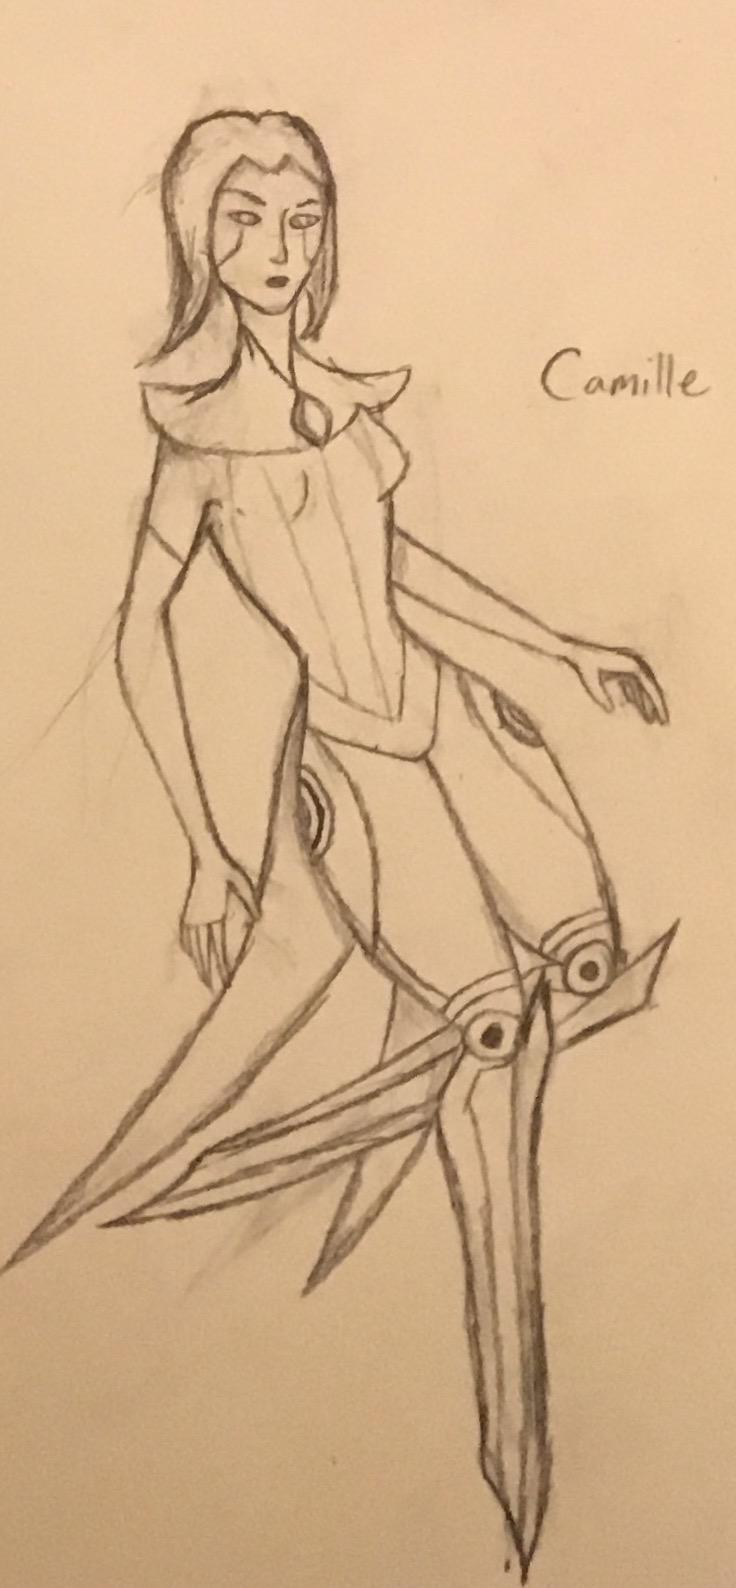 Camille, League of Legends.